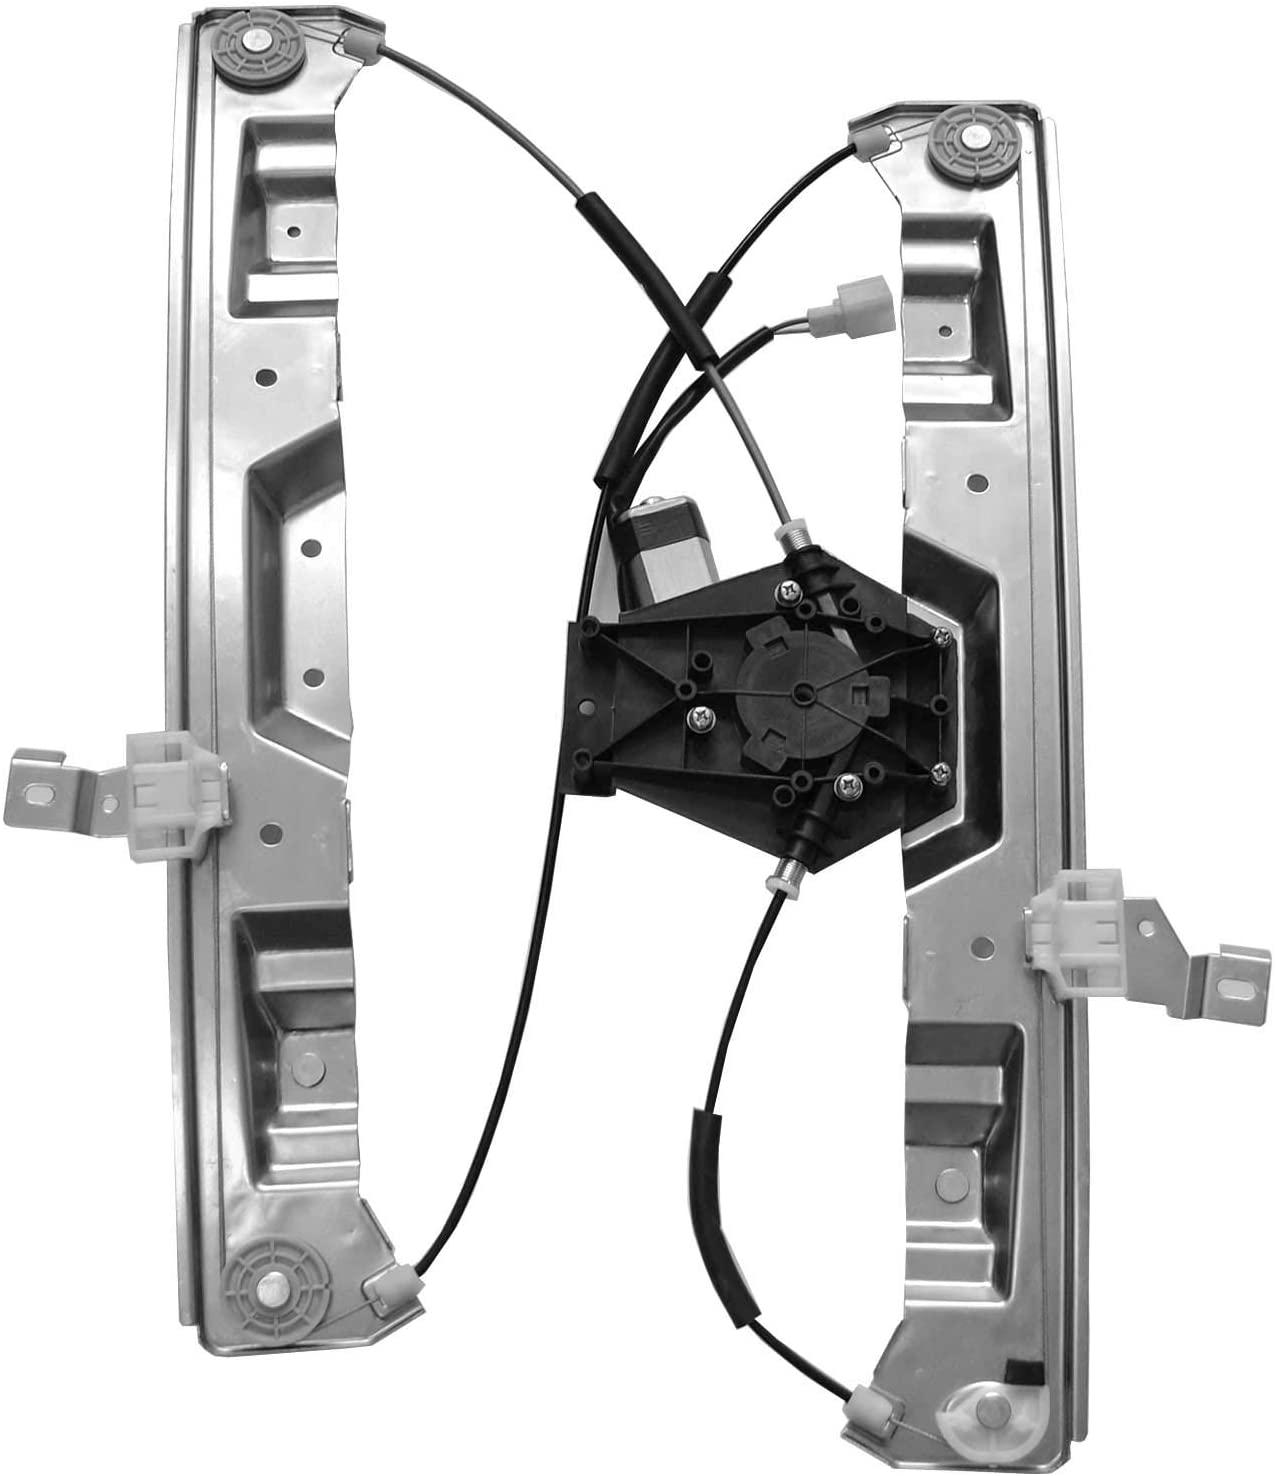 Gldifa Front Passenger Power Window Regulator and Motor Compatible with Explorer/Mountaineer 4 Door 1pc